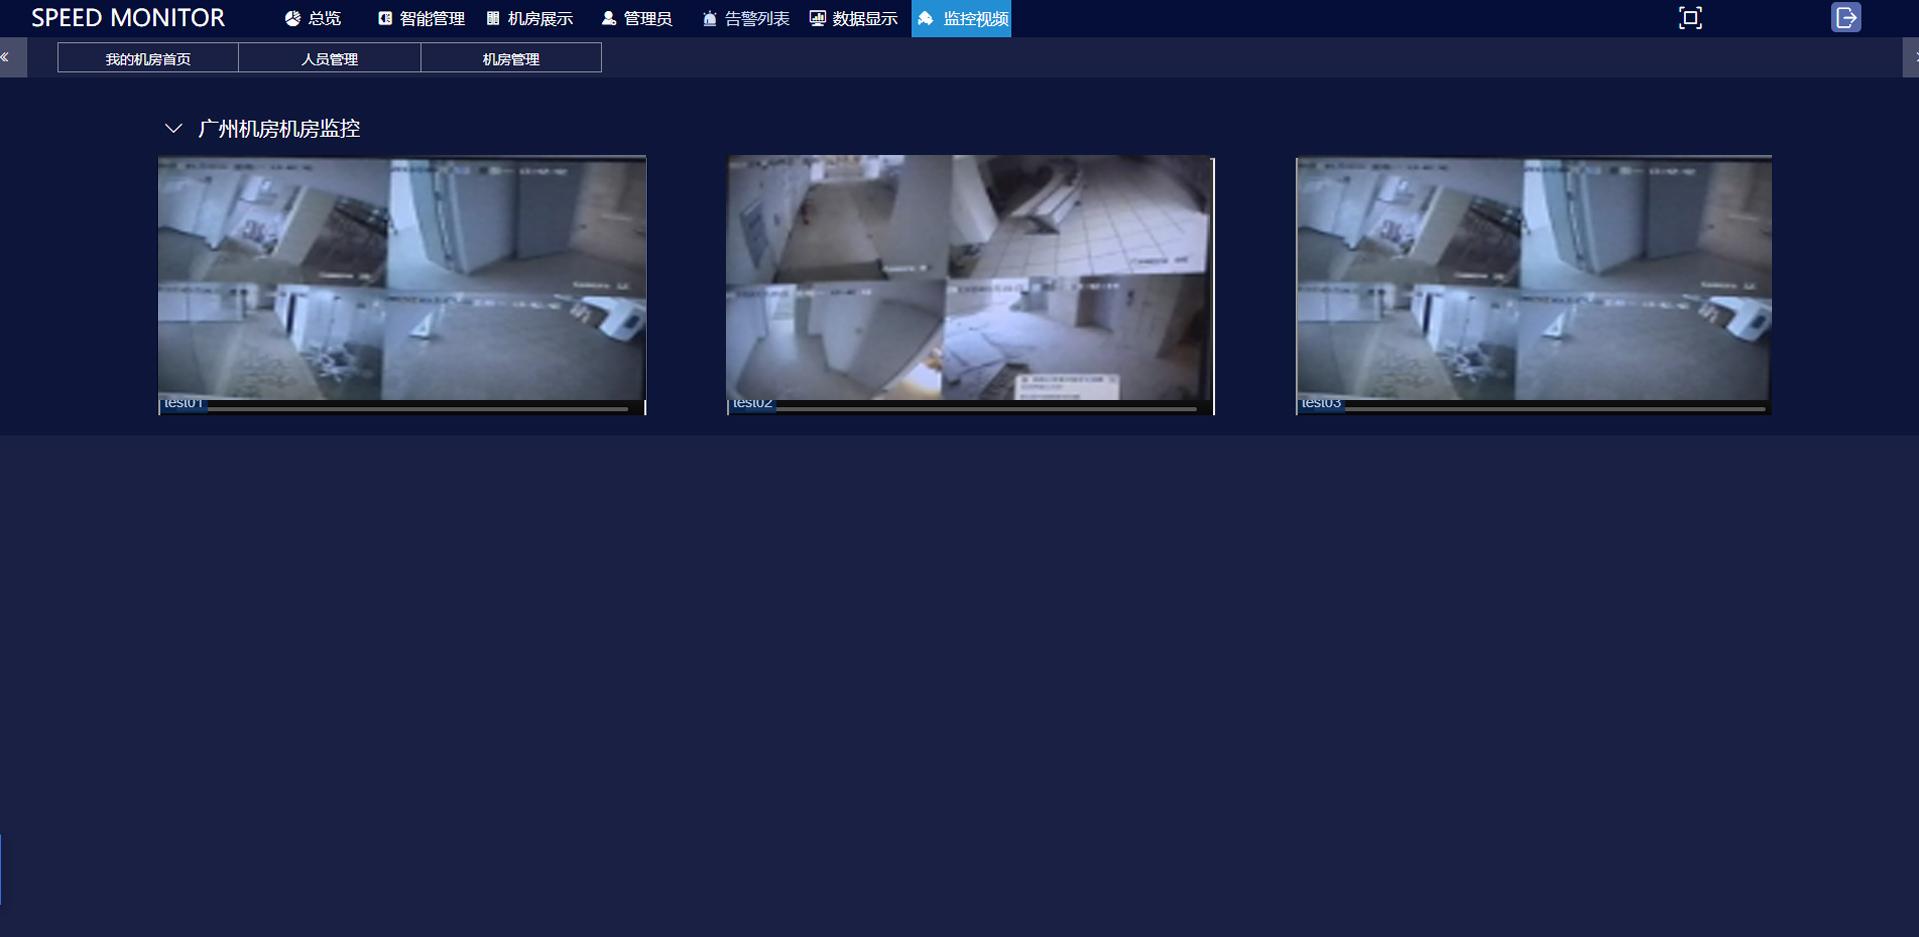 SPD-200GSM_PRO 机房环境集中监控系统,机房环境集中监控系统